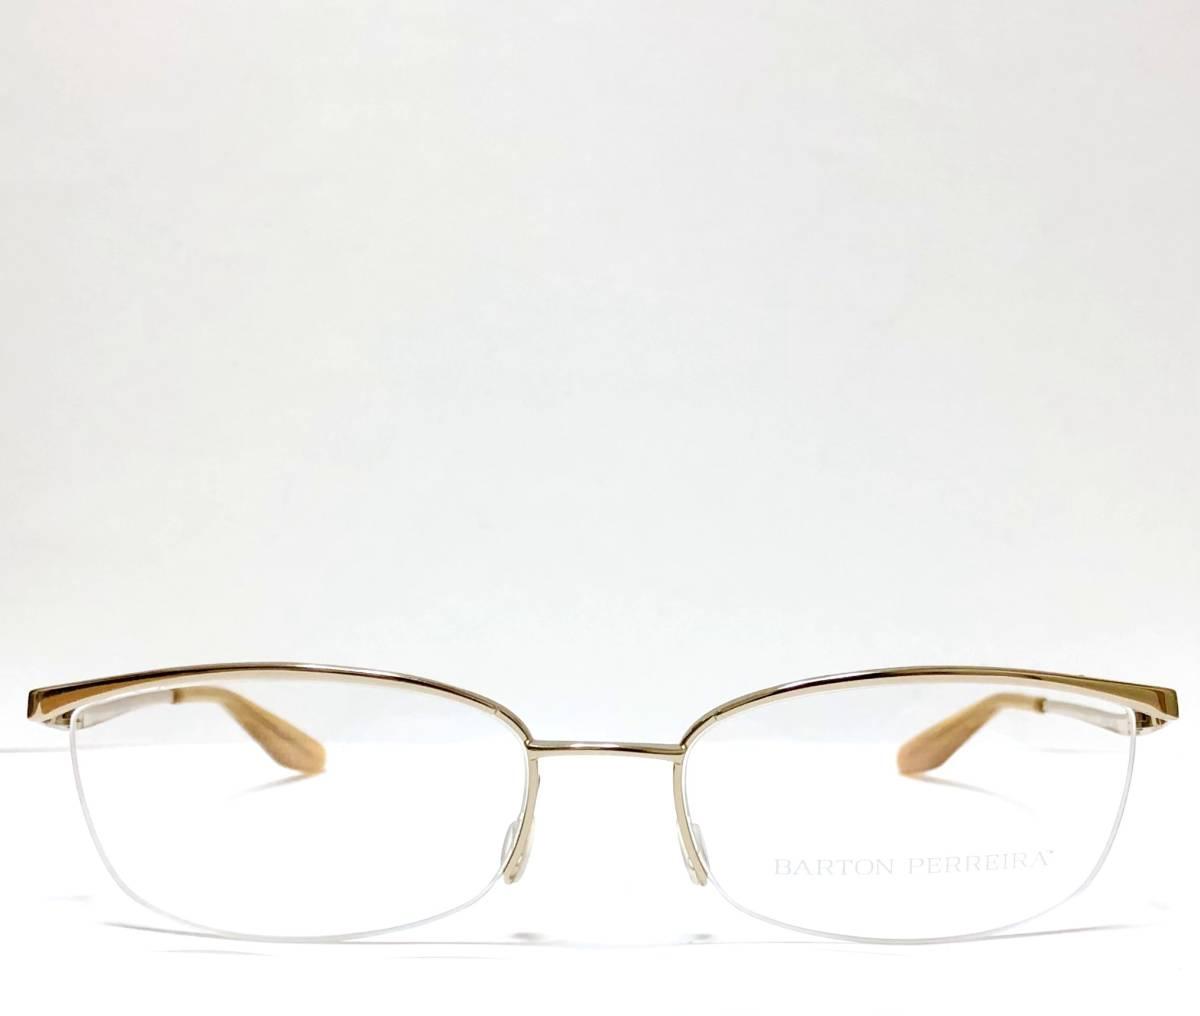 定価85800円 新品) 上流階級 バートンペレイラ ミア Barton Perreira 極上品 純正メガネ 付属品付き 金色 日本製 米国ブランド_画像1